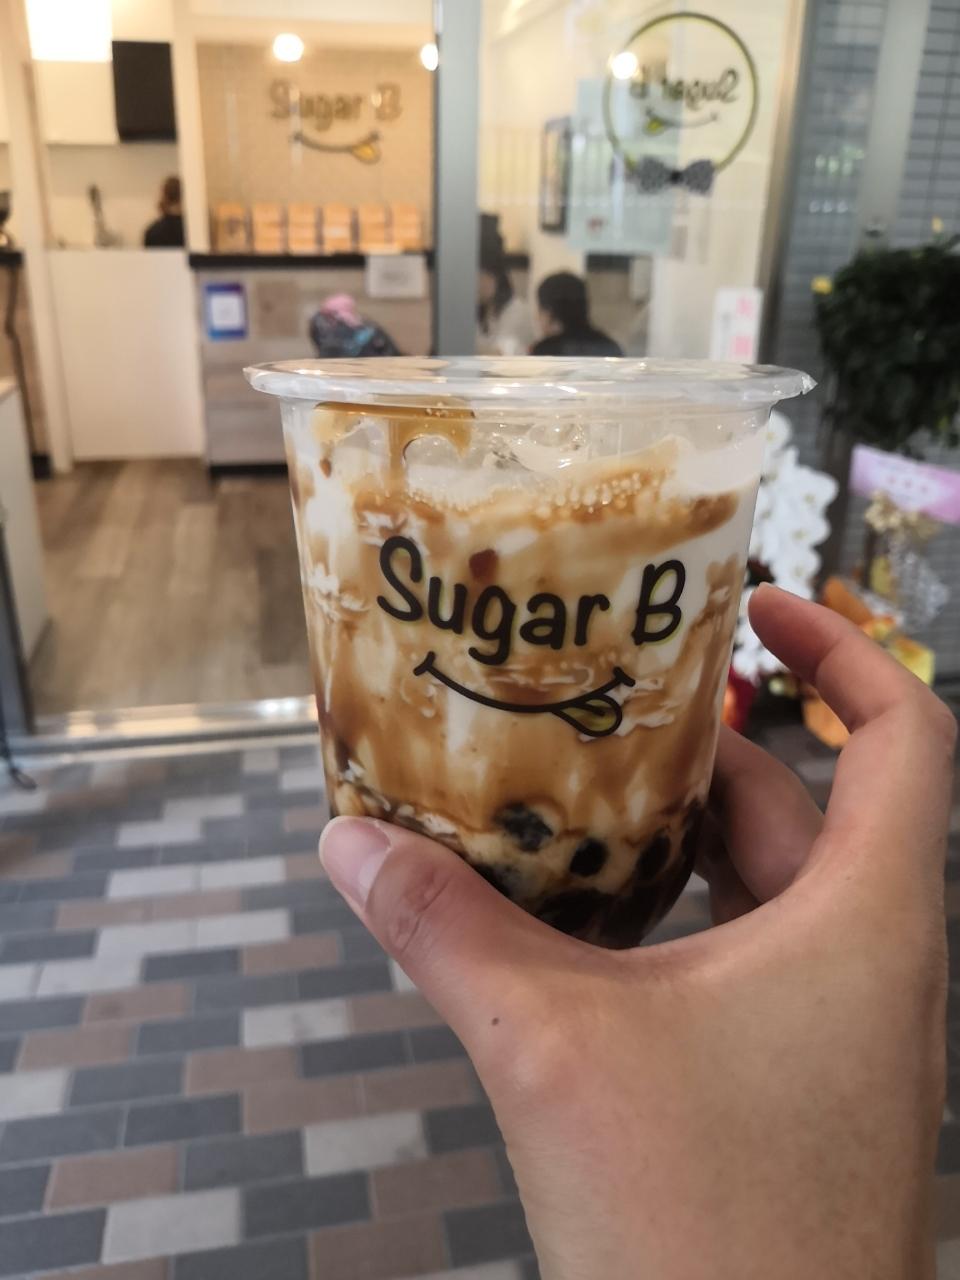 Sugar B